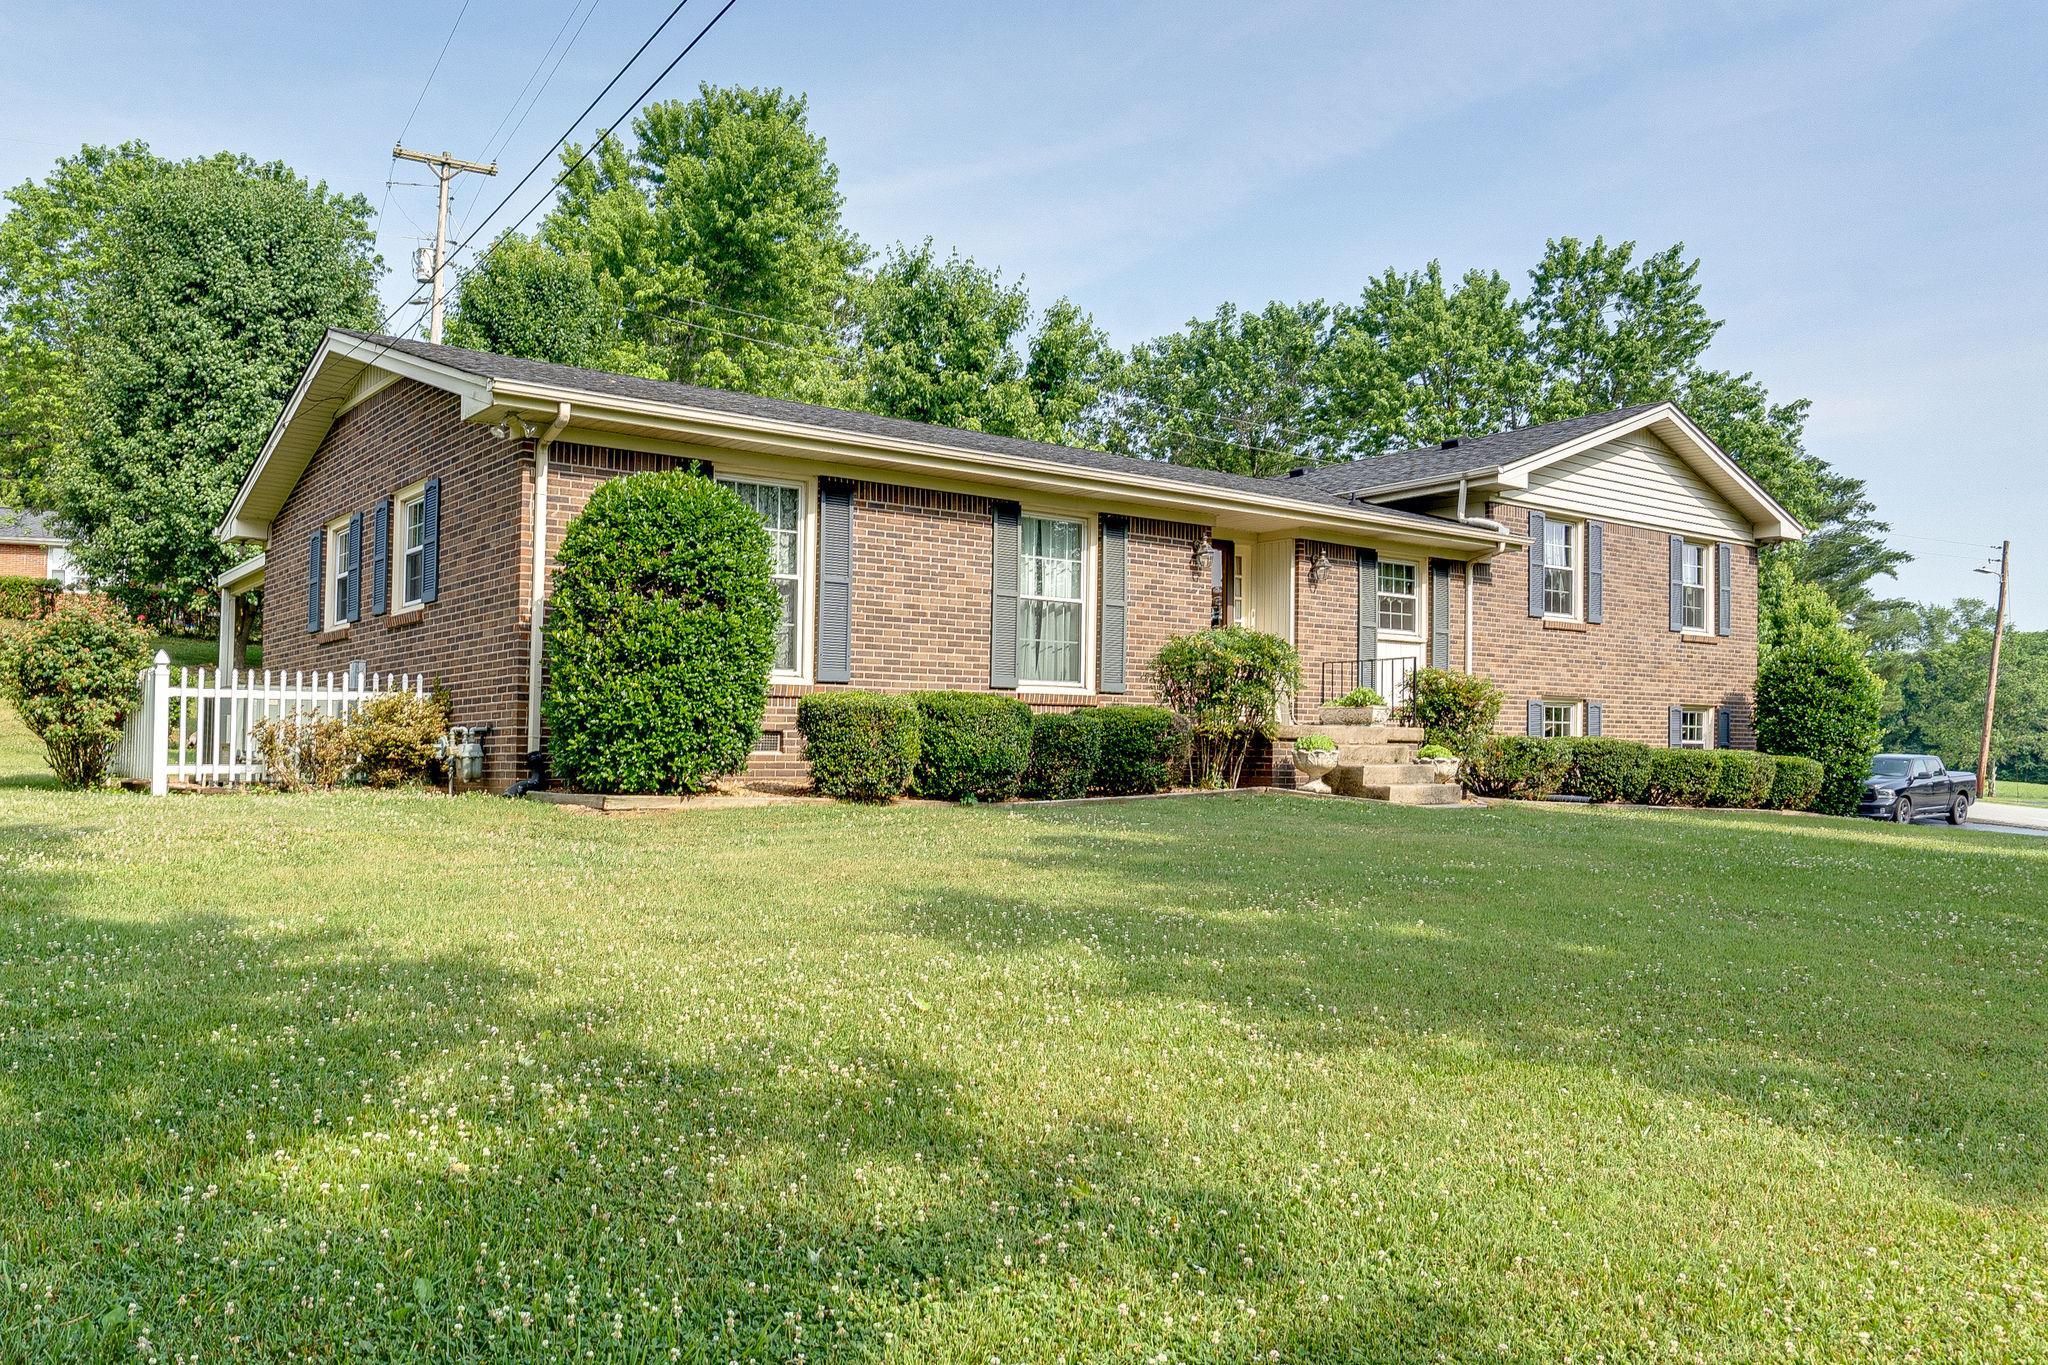 828 Royal Elm Cir, Hartsville, TN 37074 - Hartsville, TN real estate listing